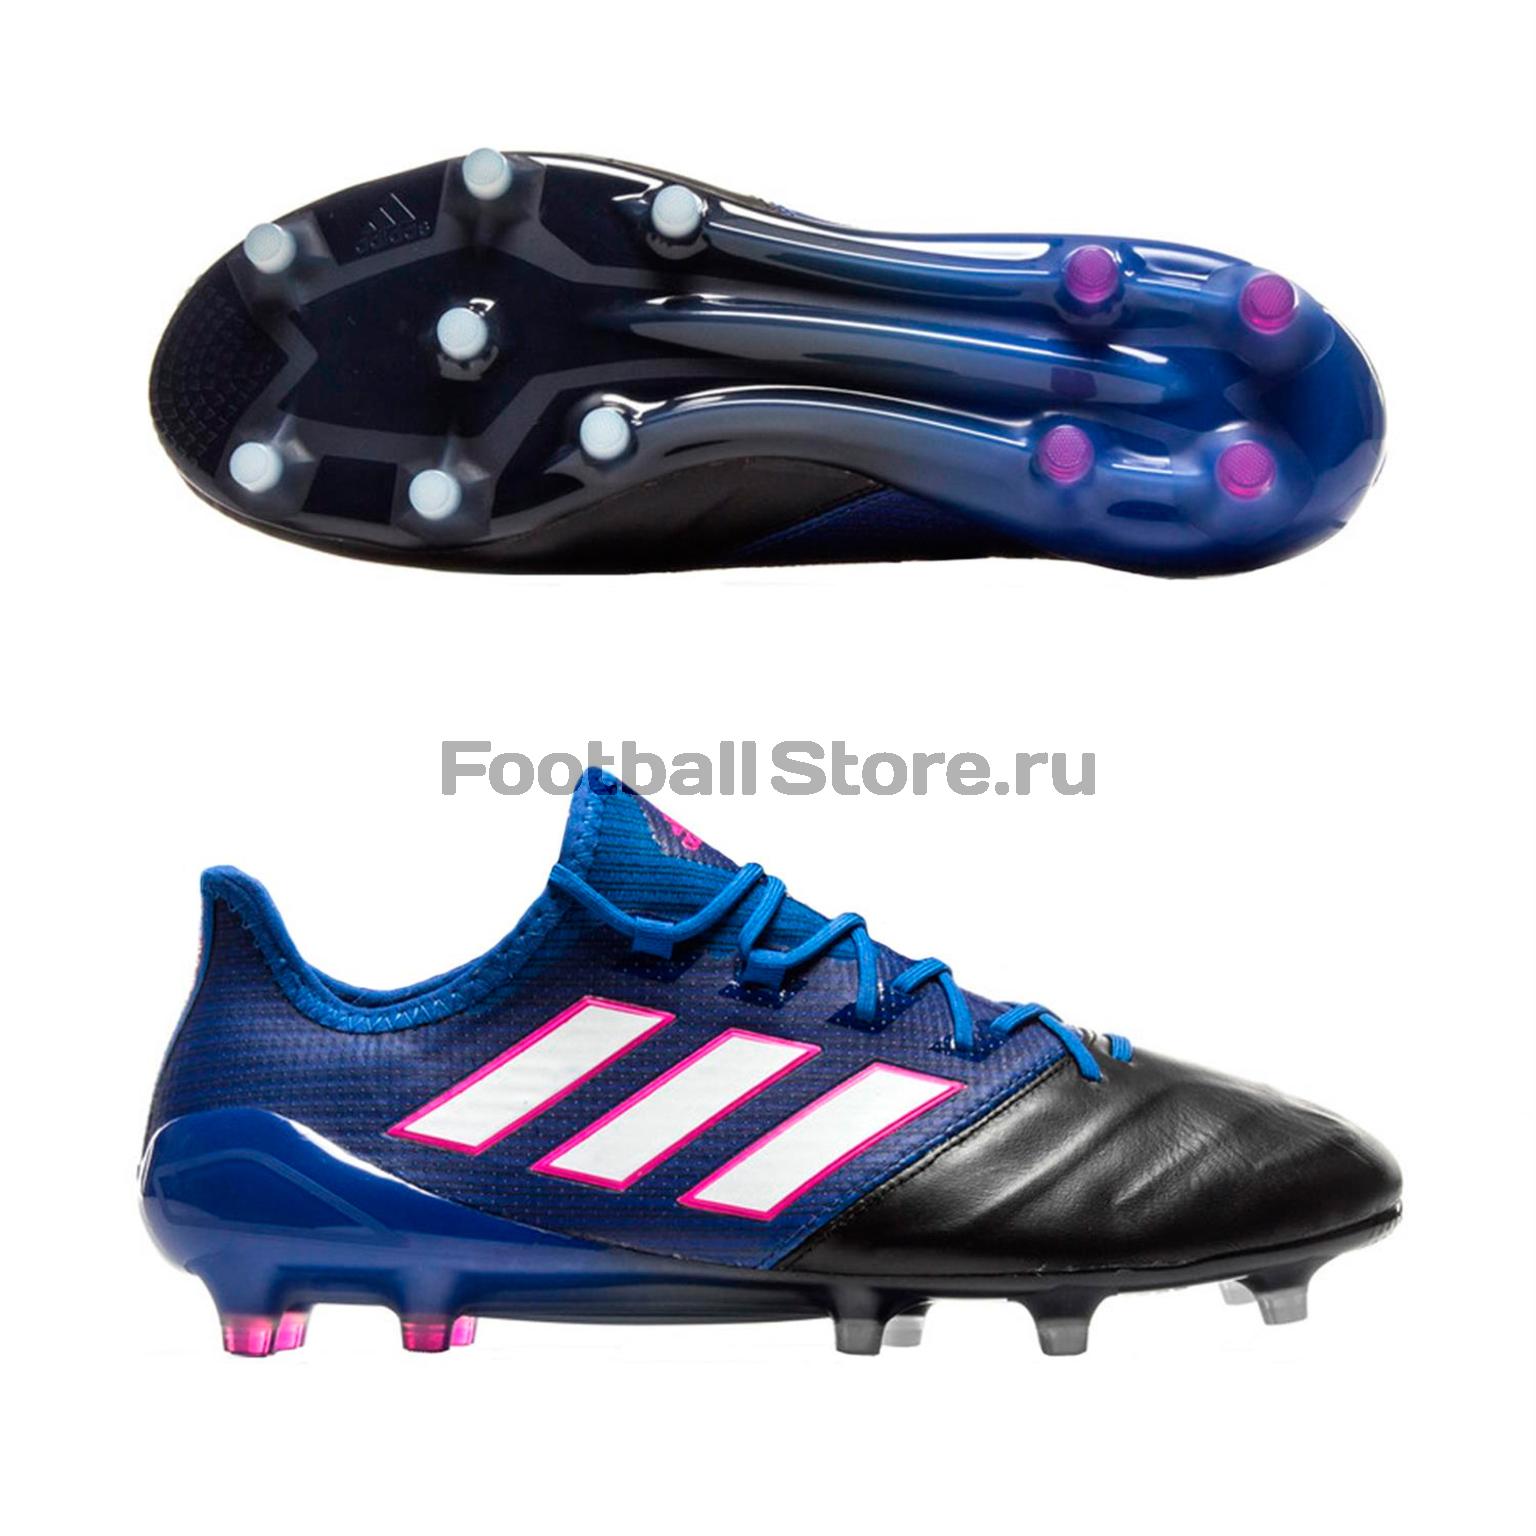 Игровые бутсы Adidas Бутсы Adidas Ace 17.1 Leather FG BB0463 adidas бутсы adidas ace 16 3 fg leather aq4456